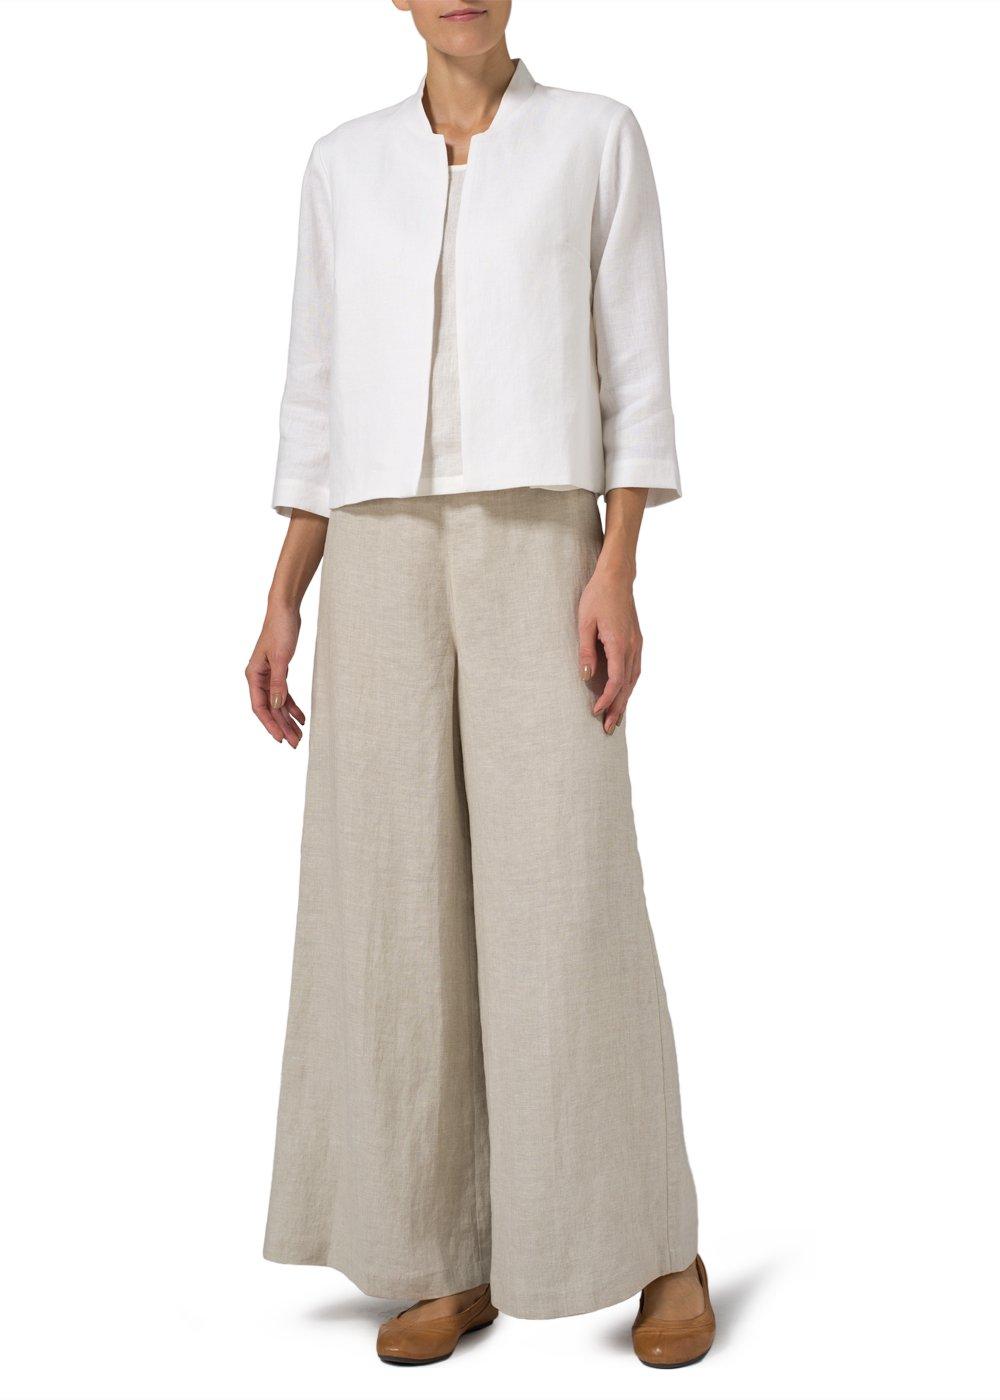 Vivid Linen Crop Blazer-M-Soft White